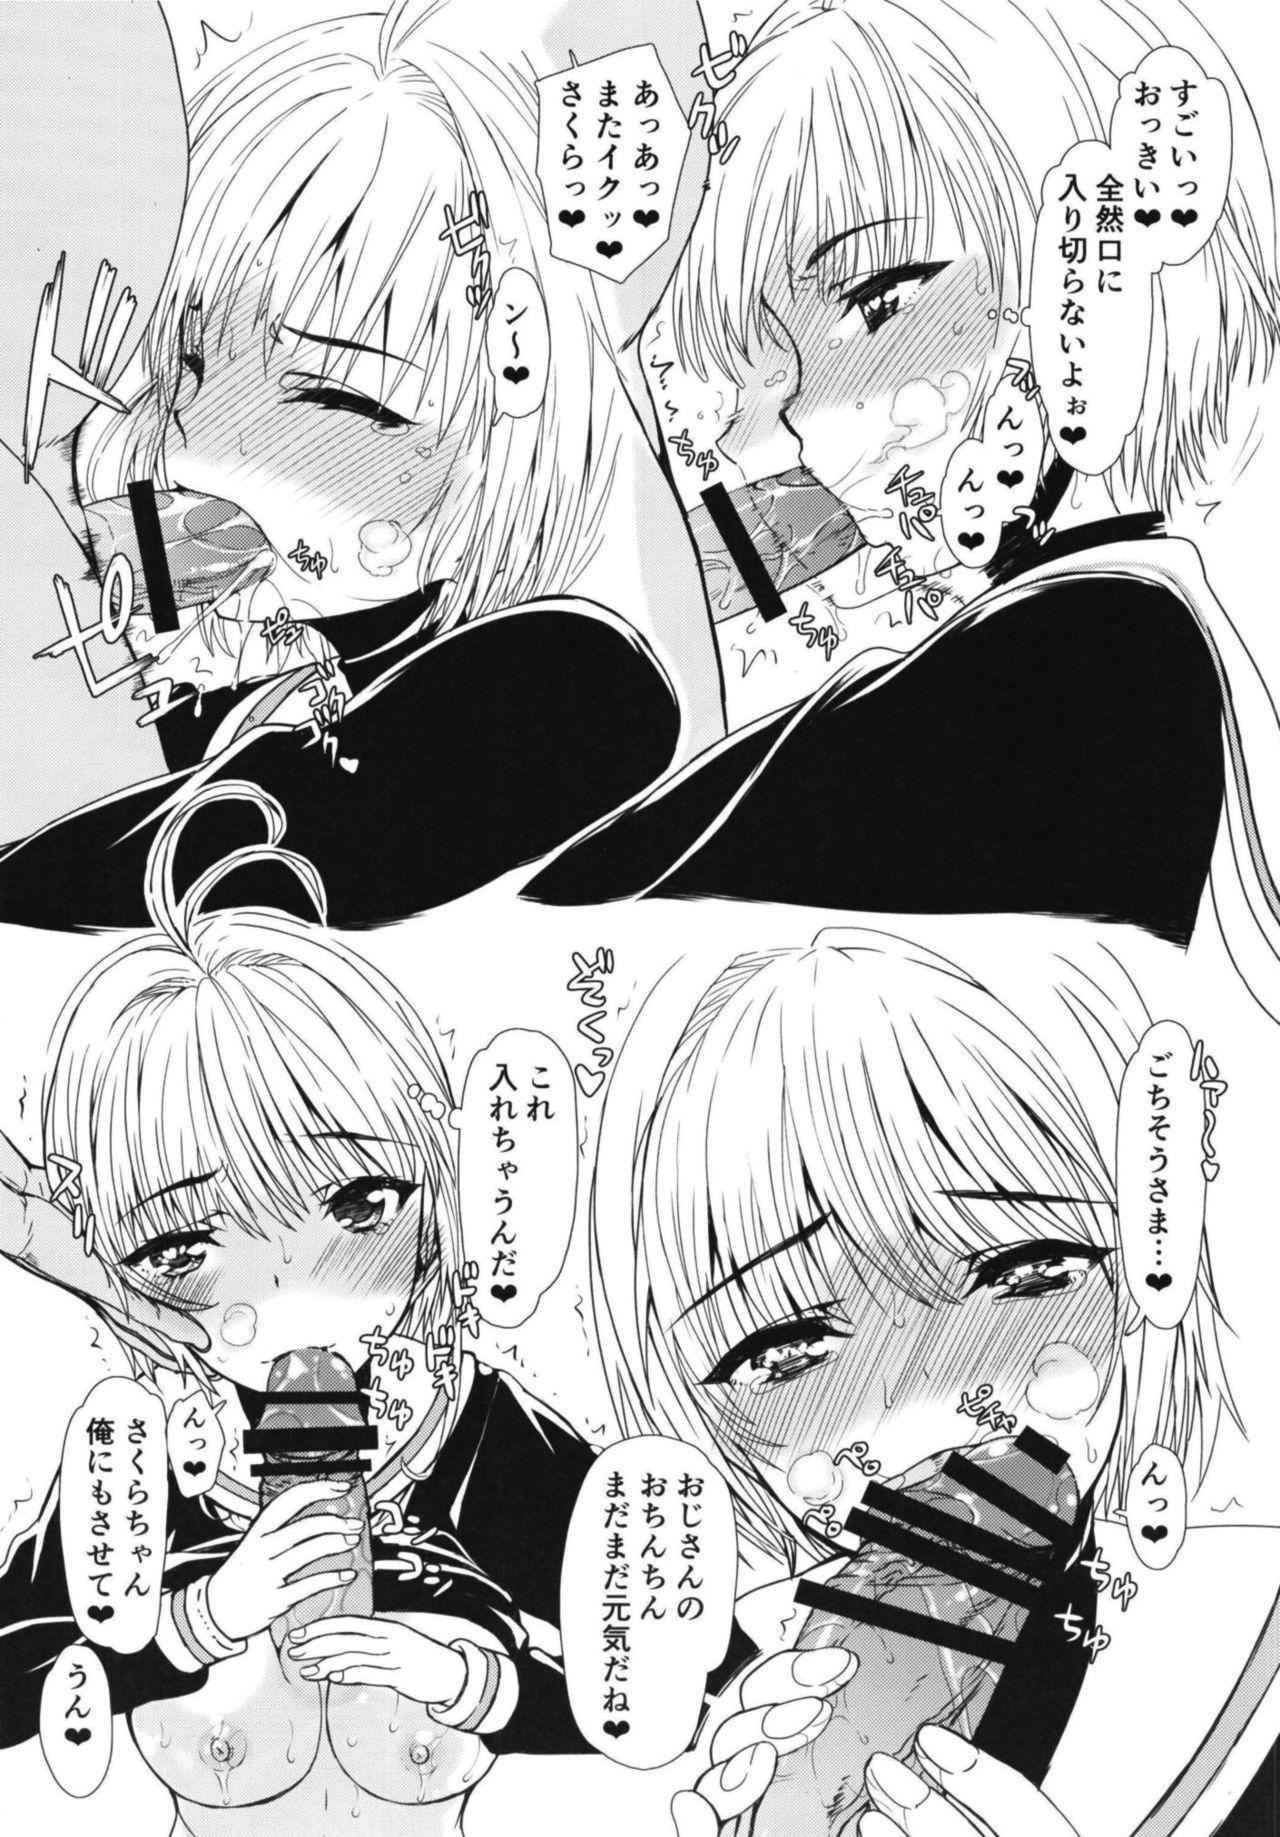 (SC2018 Spring) [Kyomu no Uta (Satou Toshio)] Sakura-chan (17-sai) to Enkou Oji-san (Cardcaptor Sakura) 7